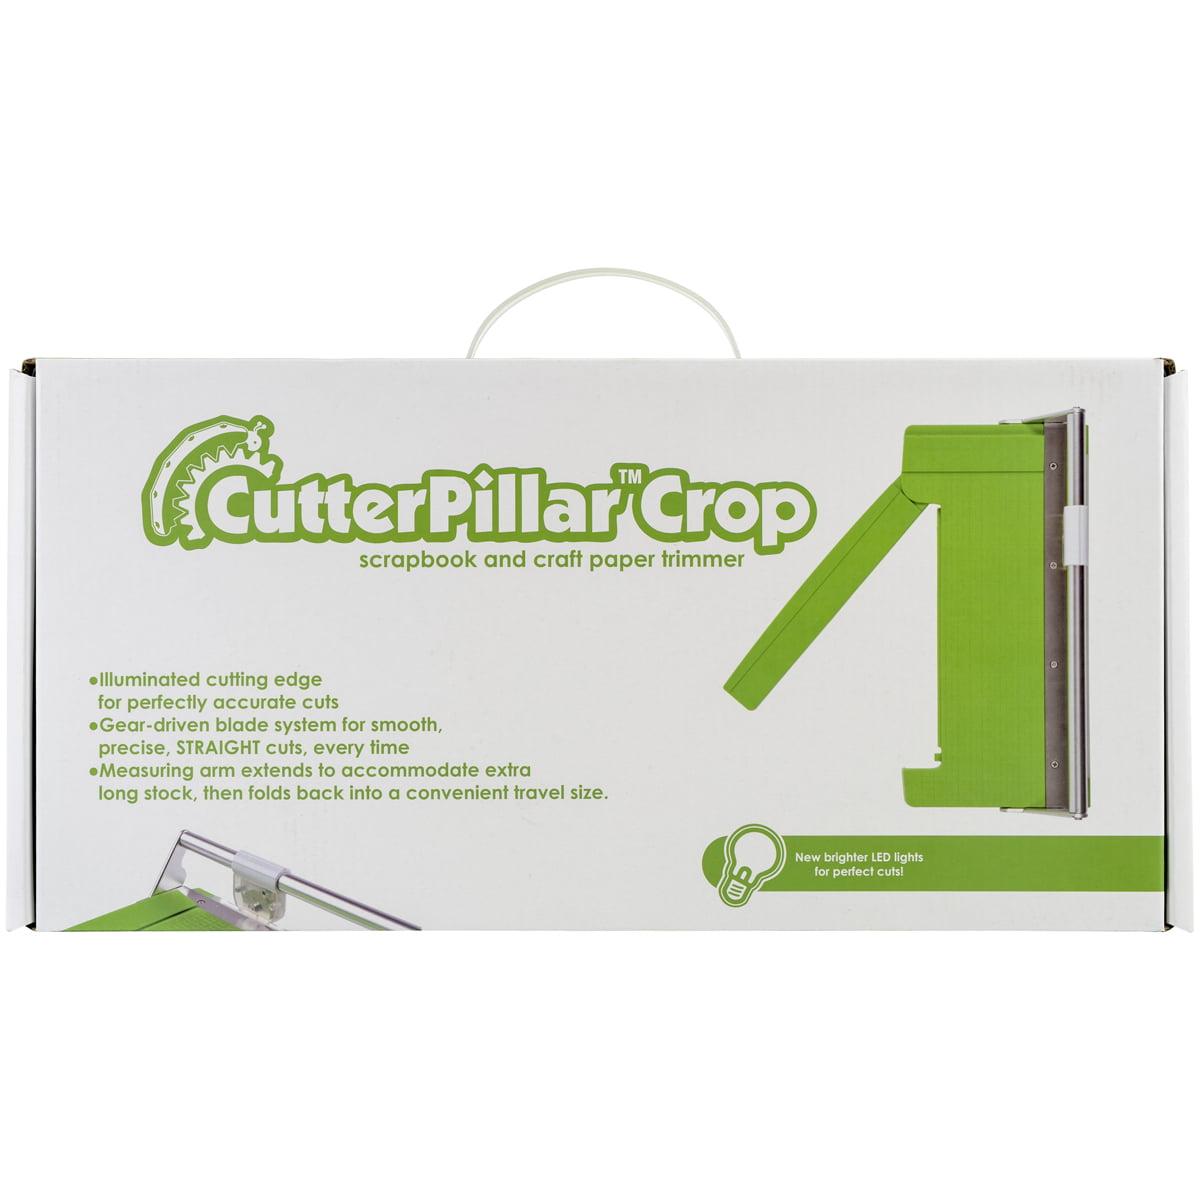 Cutterpillar Crop Paper Trimmer- by Cutterpillar